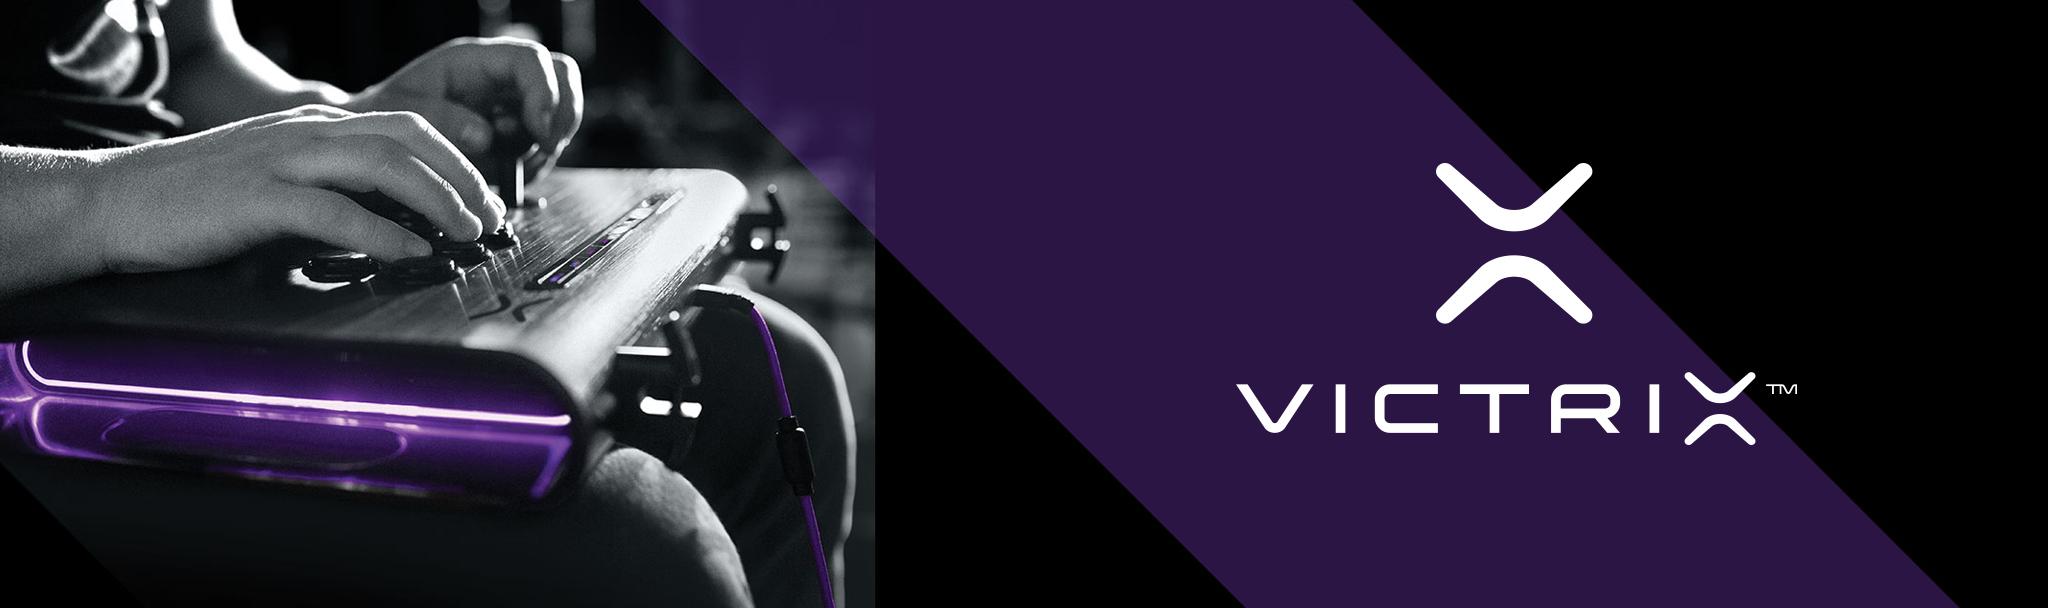 victrix3